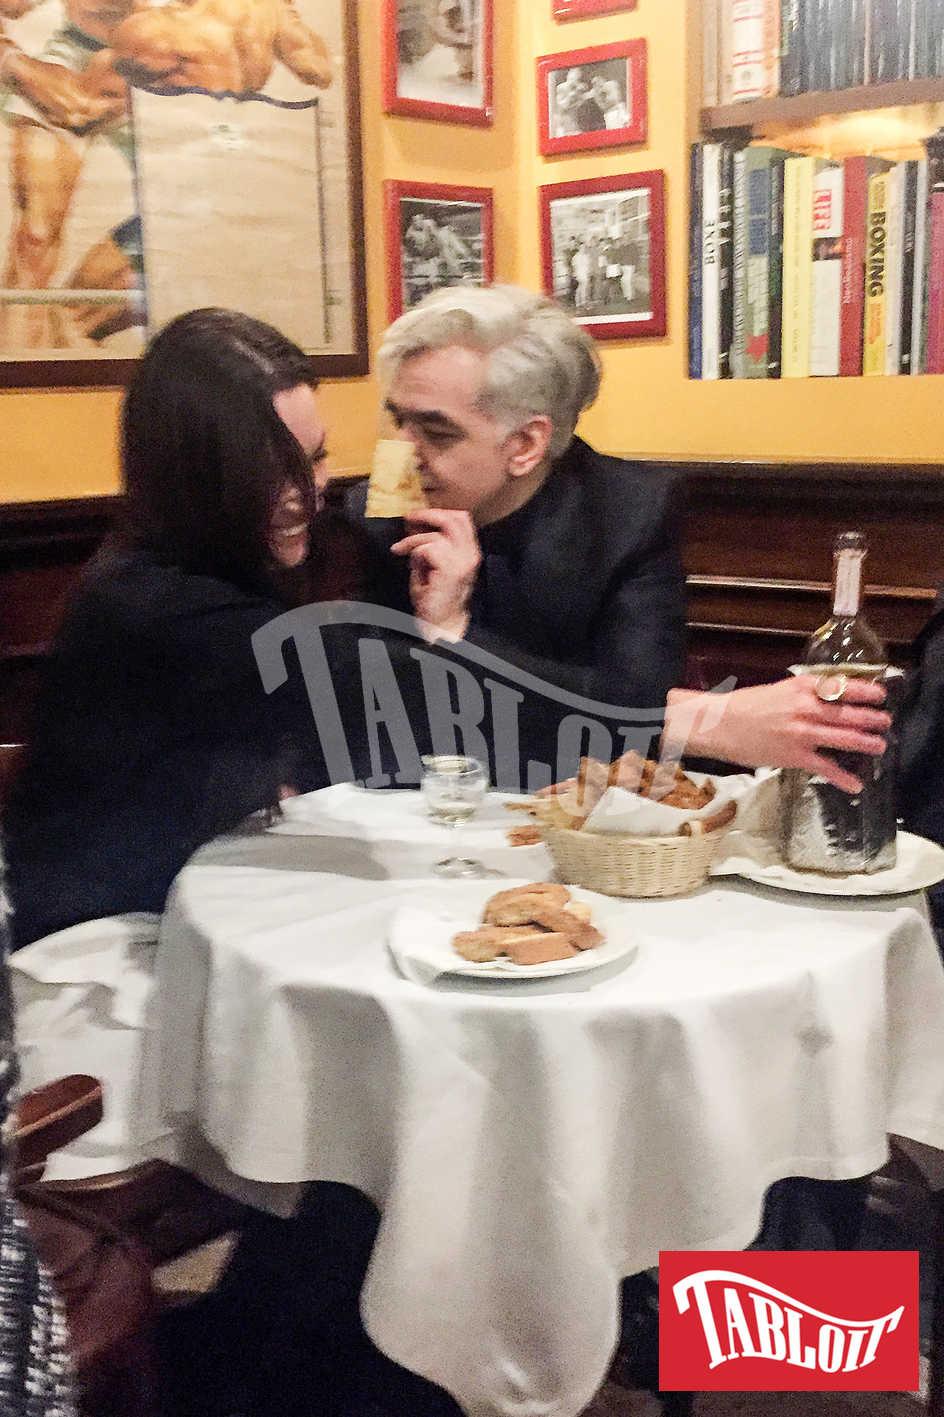 morgan con la nuova fidanzata al ristorante